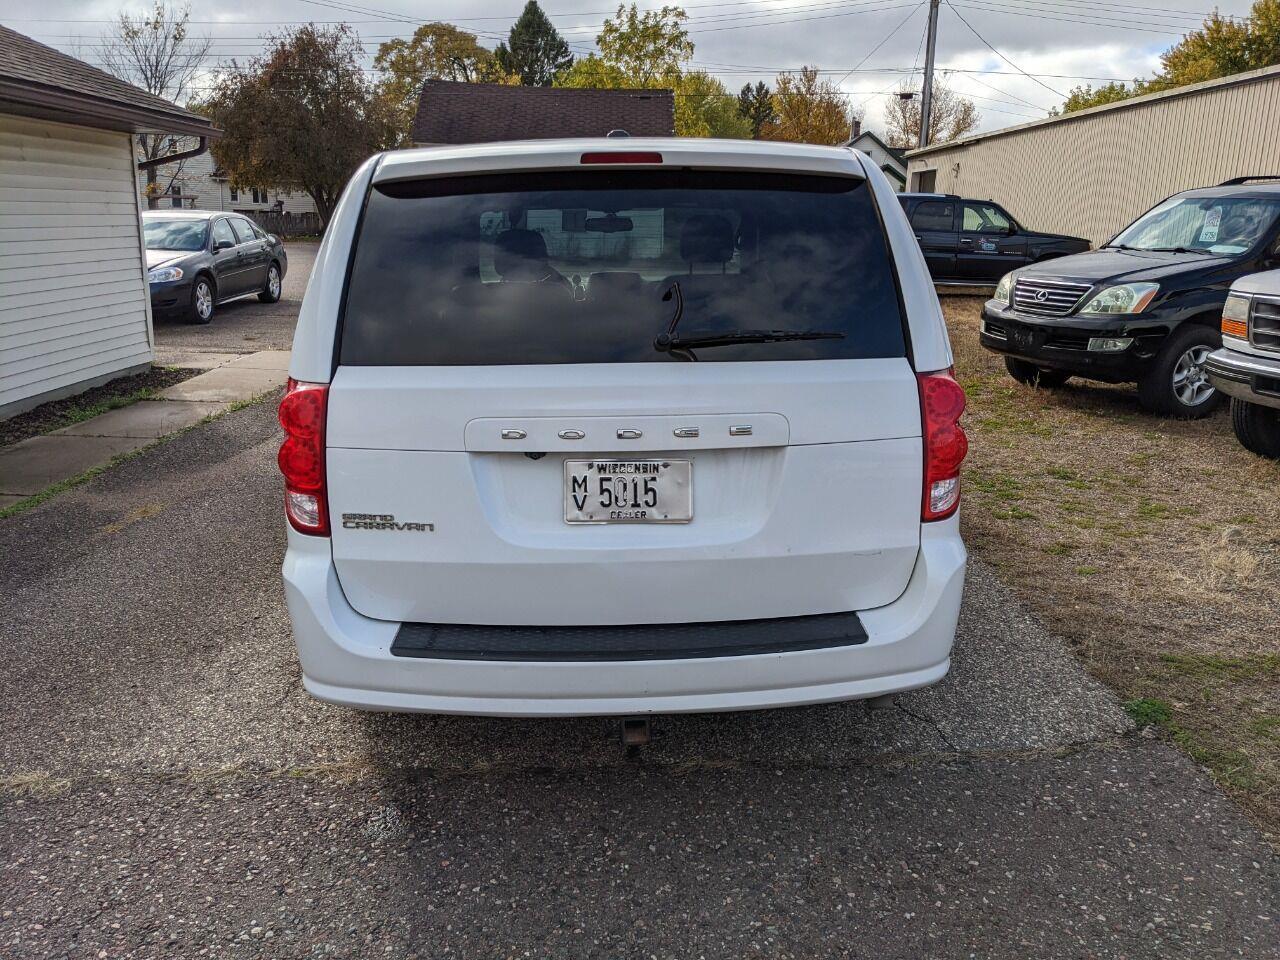 2017 Dodge Grand Caravan (CC-1411299) for sale in Stanley, Wisconsin